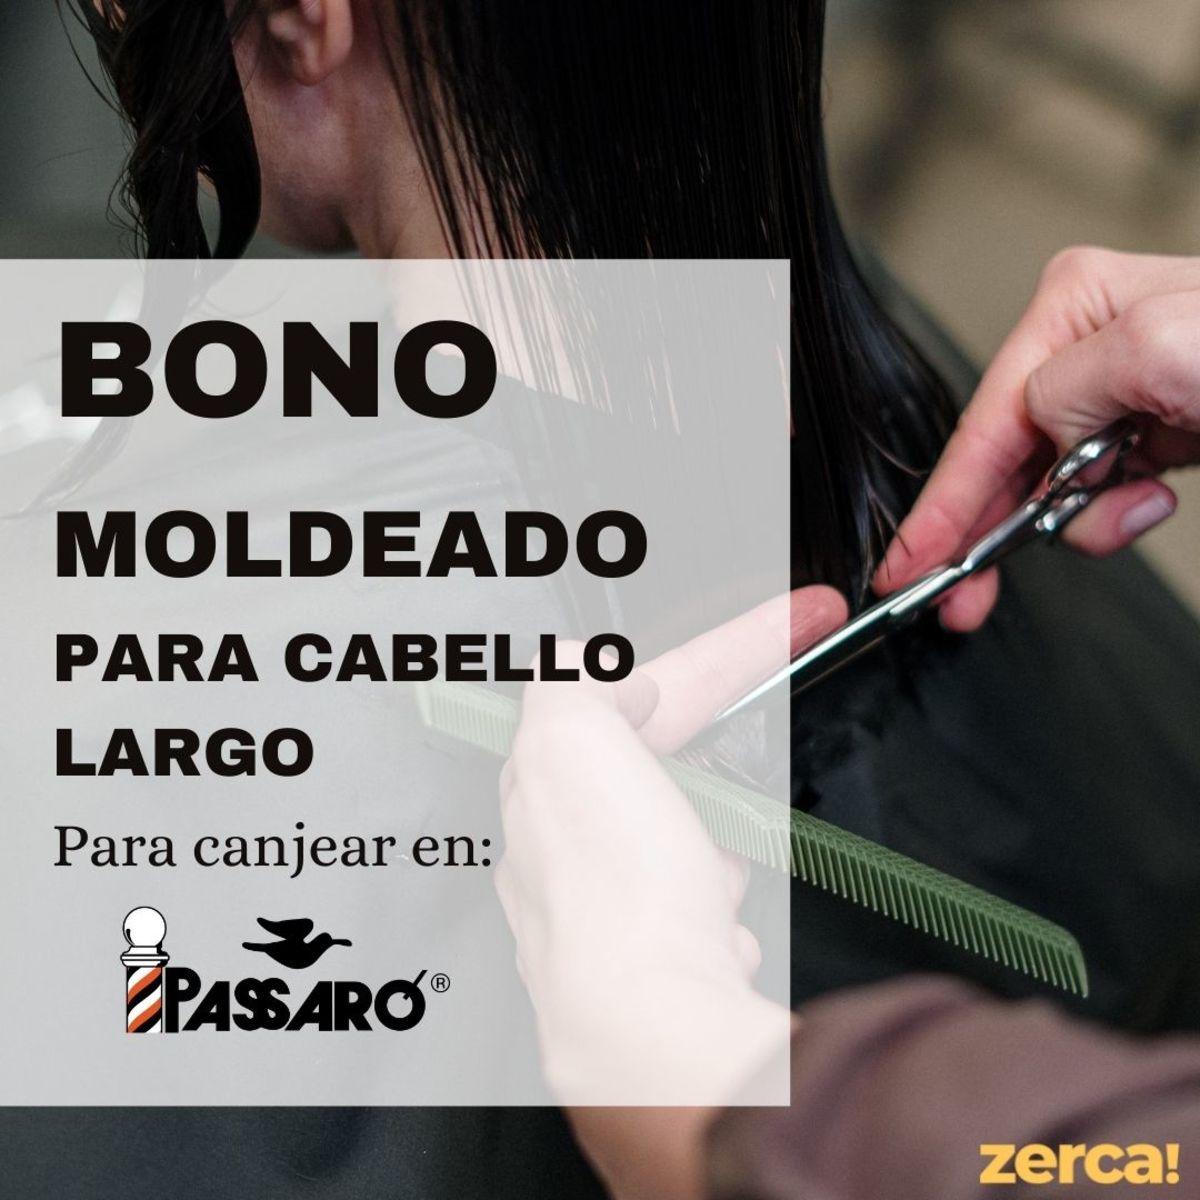 Bono moldeado cabello largo PARA CANJEAR EN PASSARÓ PLAZA SAN BRIZ